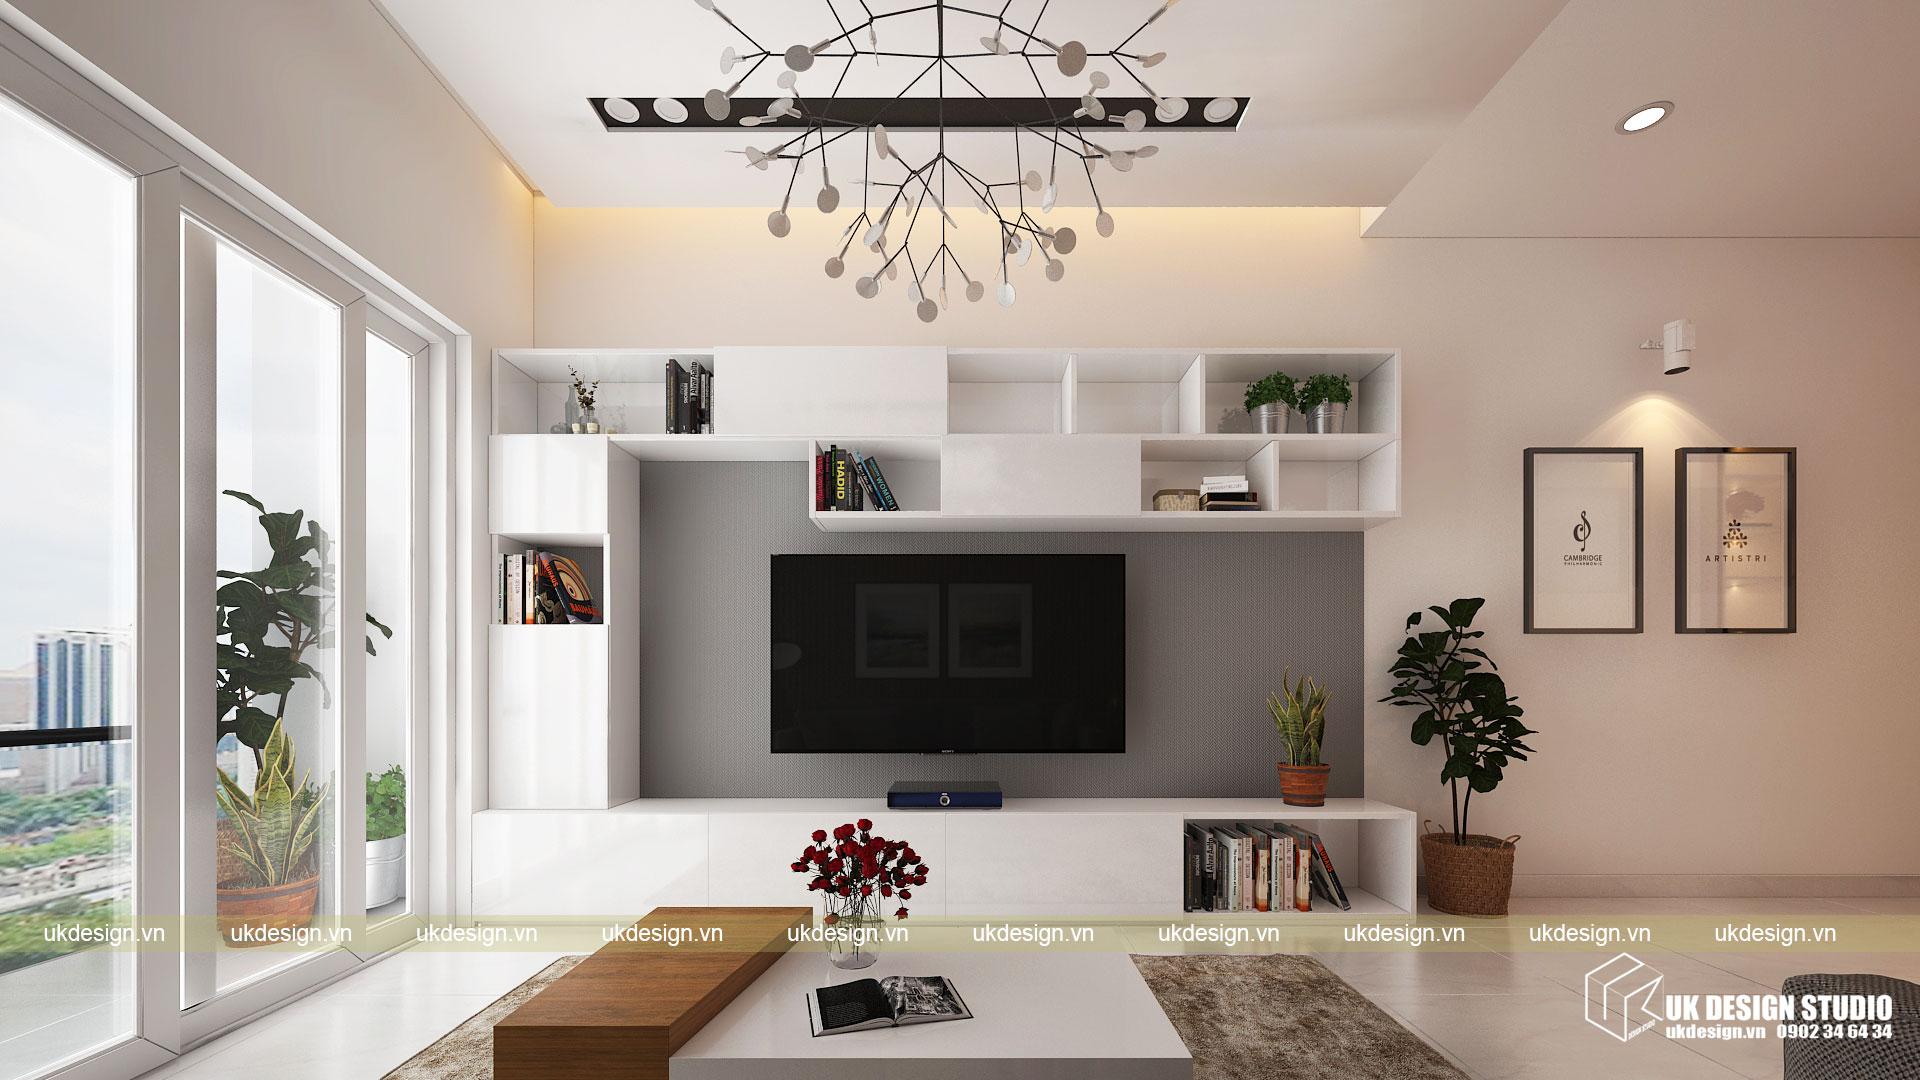 Thiết kế nội thất căn hộ 60m2 Hưng Lộc Phát 5